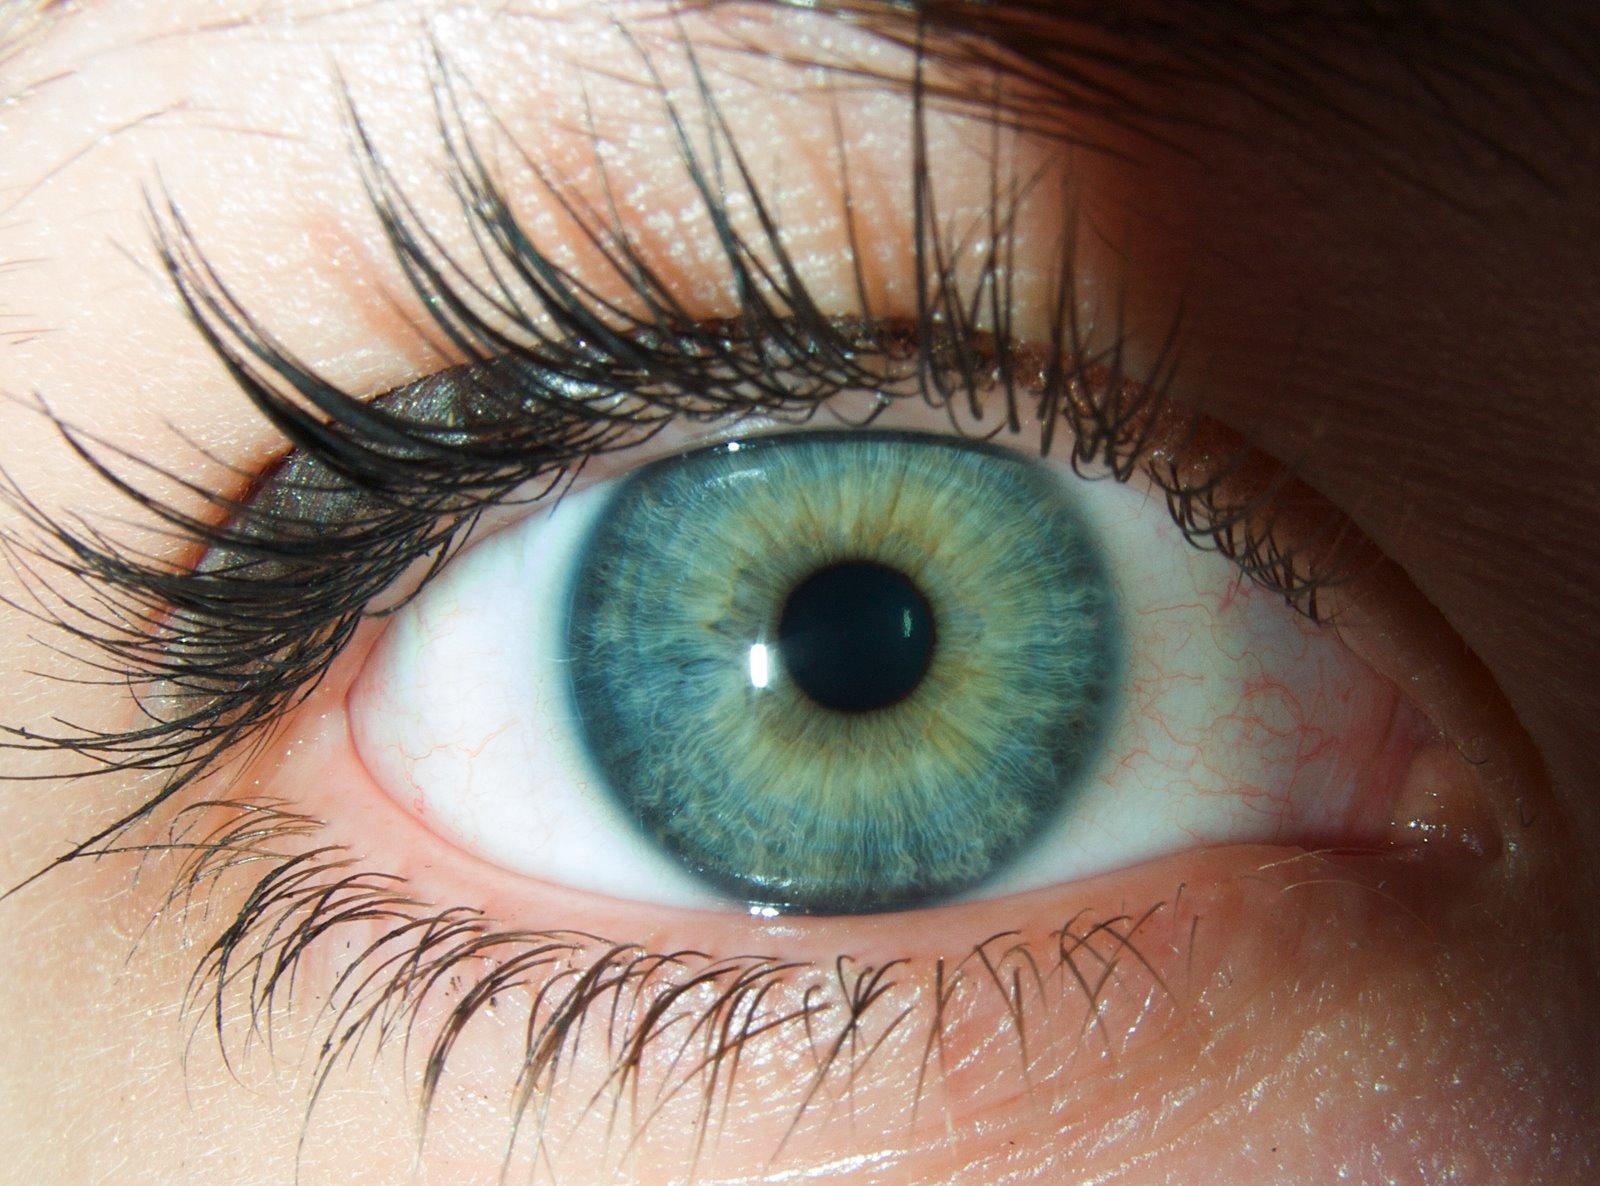 http://3.bp.blogspot.com/-6Z1LyjcqDRg/Tm4ZiQo6M6I/AAAAAAAAADg/z3UDqqh5Bp4/s1600/occhio_macro_2.jpg